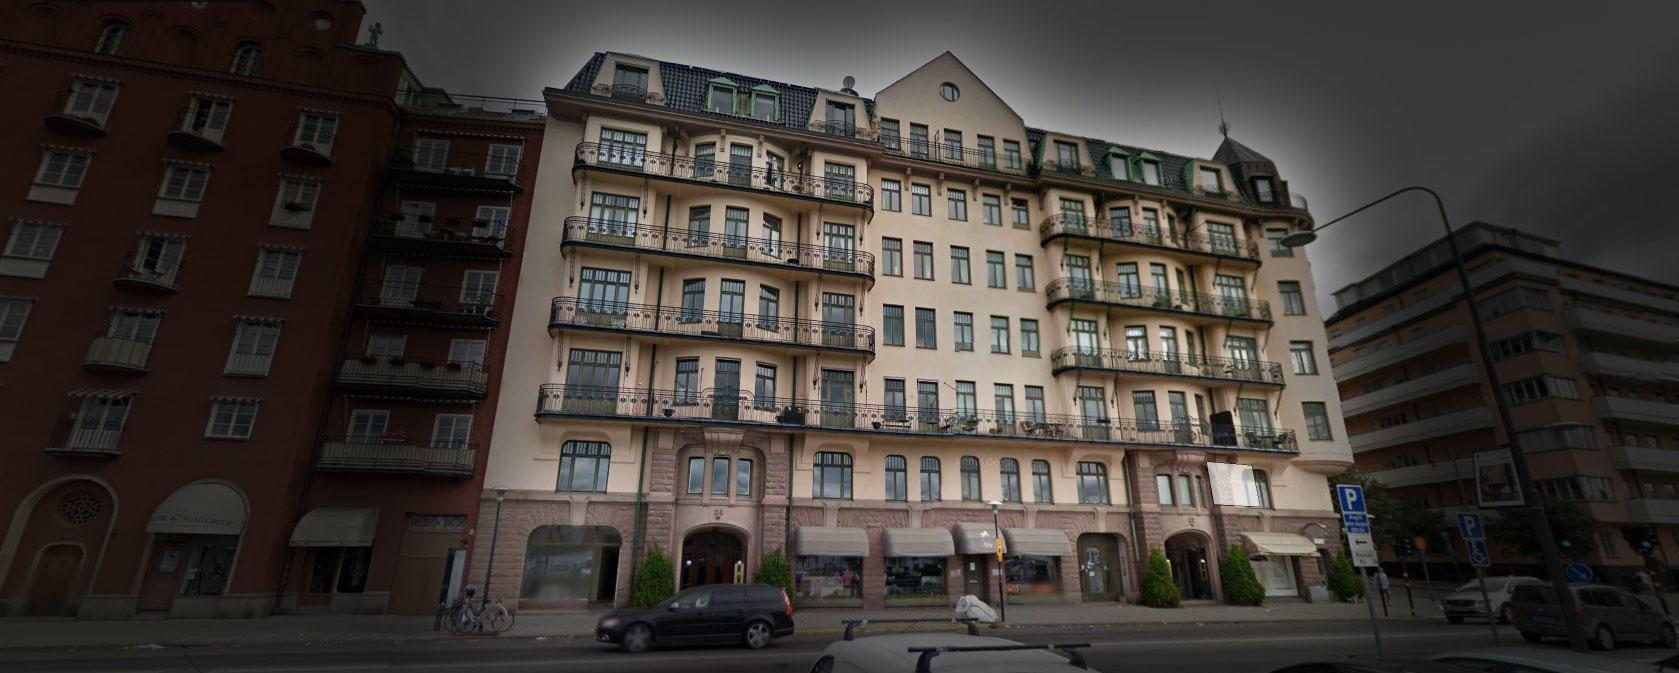 TRIPPELDRAP: Her, i Norr Mälarstrand 24 i Stockholm, gikk jurist og politiker Hjalmar Von Sydow inn døren for siste gang en ettermiddagen den 7. mars 1932. Han ble båret ut i likpose kort tid etter sammen med to kvinner. To til skulle dø innen kvelden var omme.